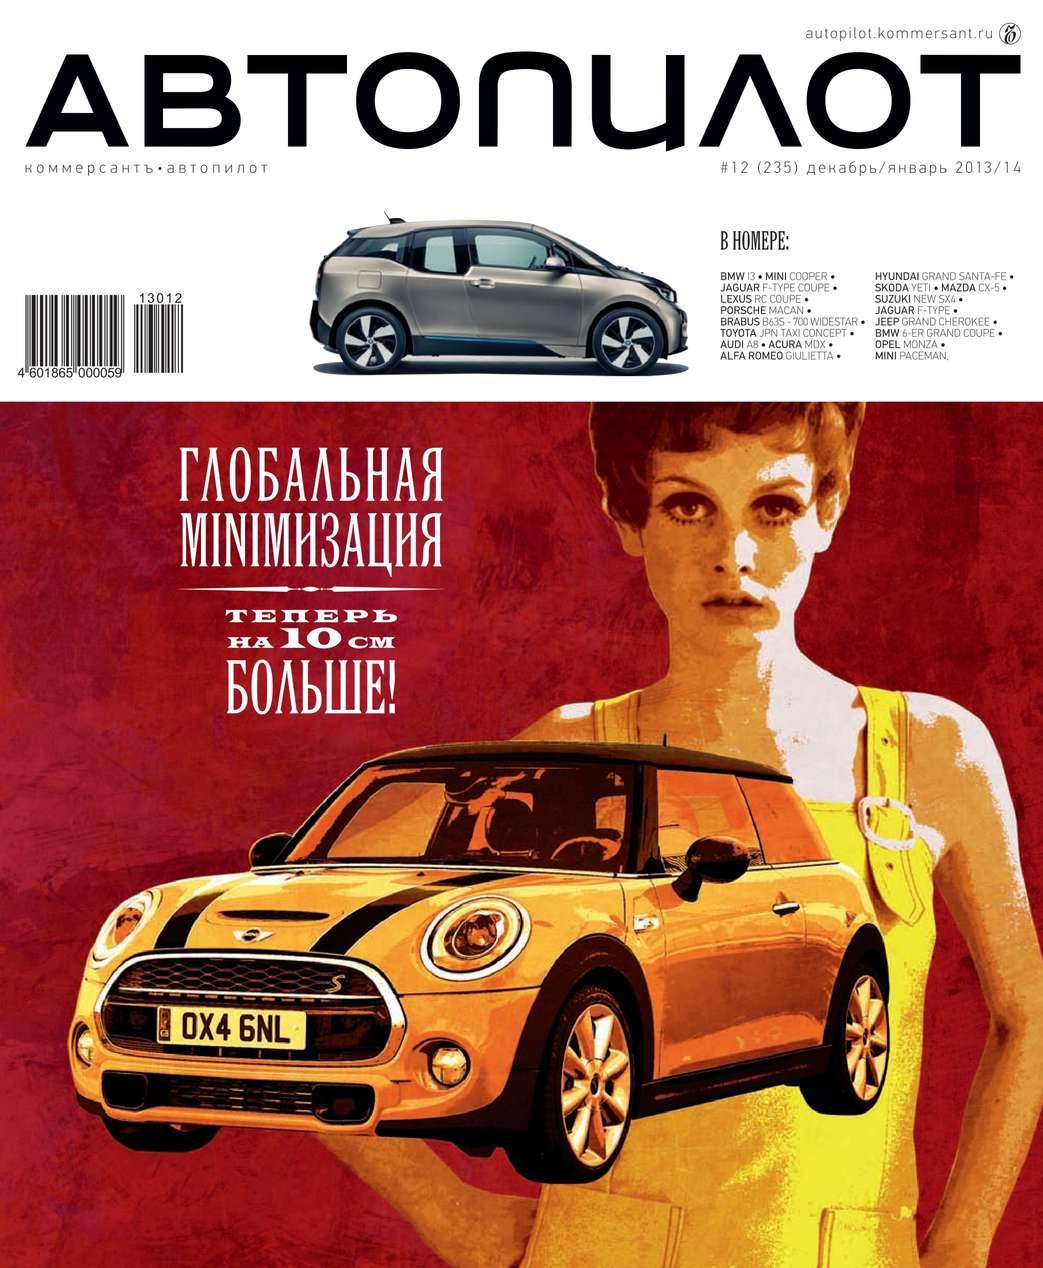 Редакция журнала Автопилот Автопилот 12-2013-2013